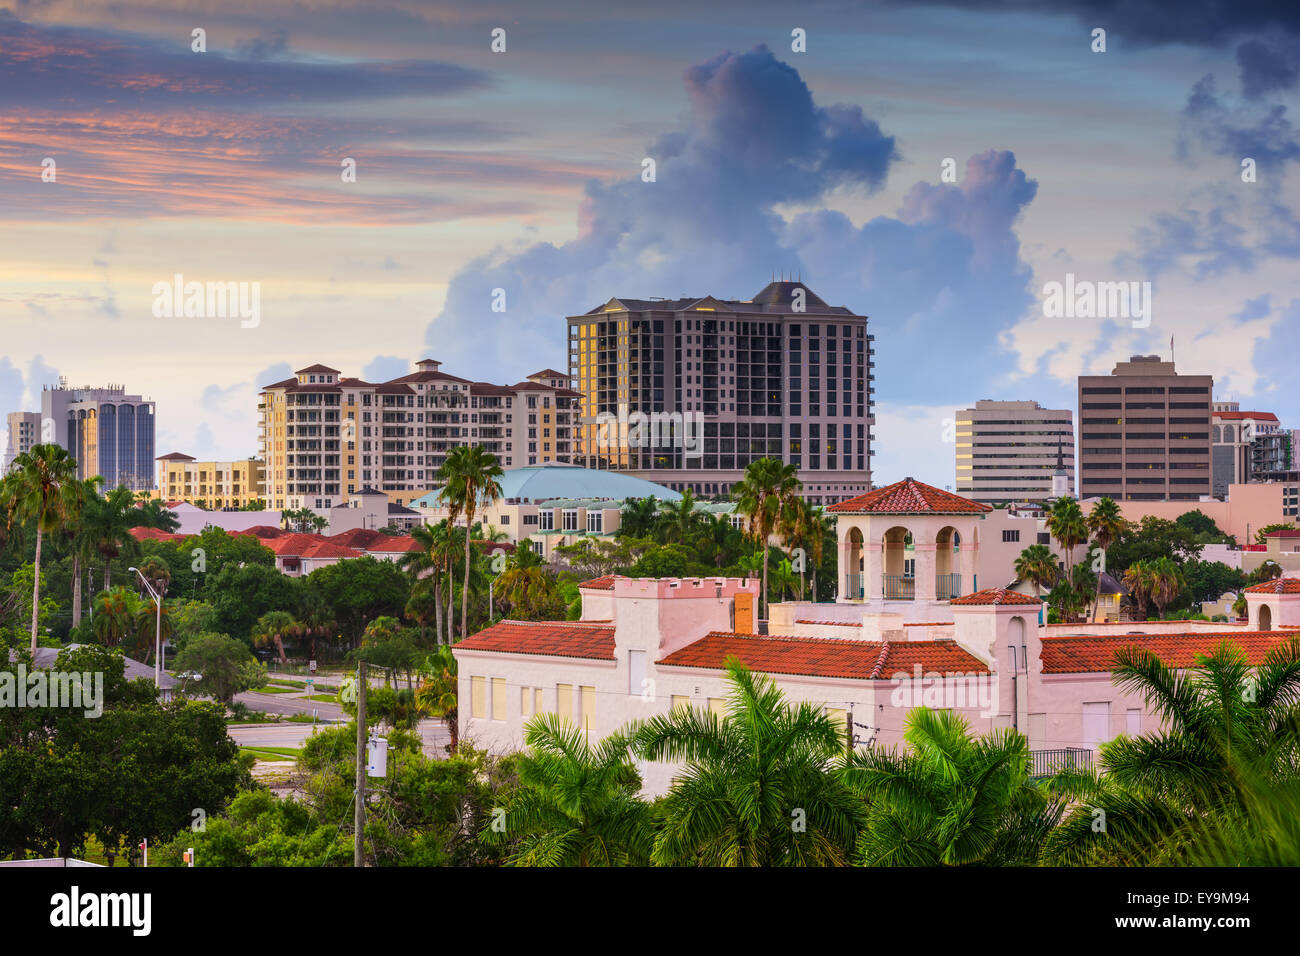 Sarasota, Florida, USA downtown skyline. - Stock Image